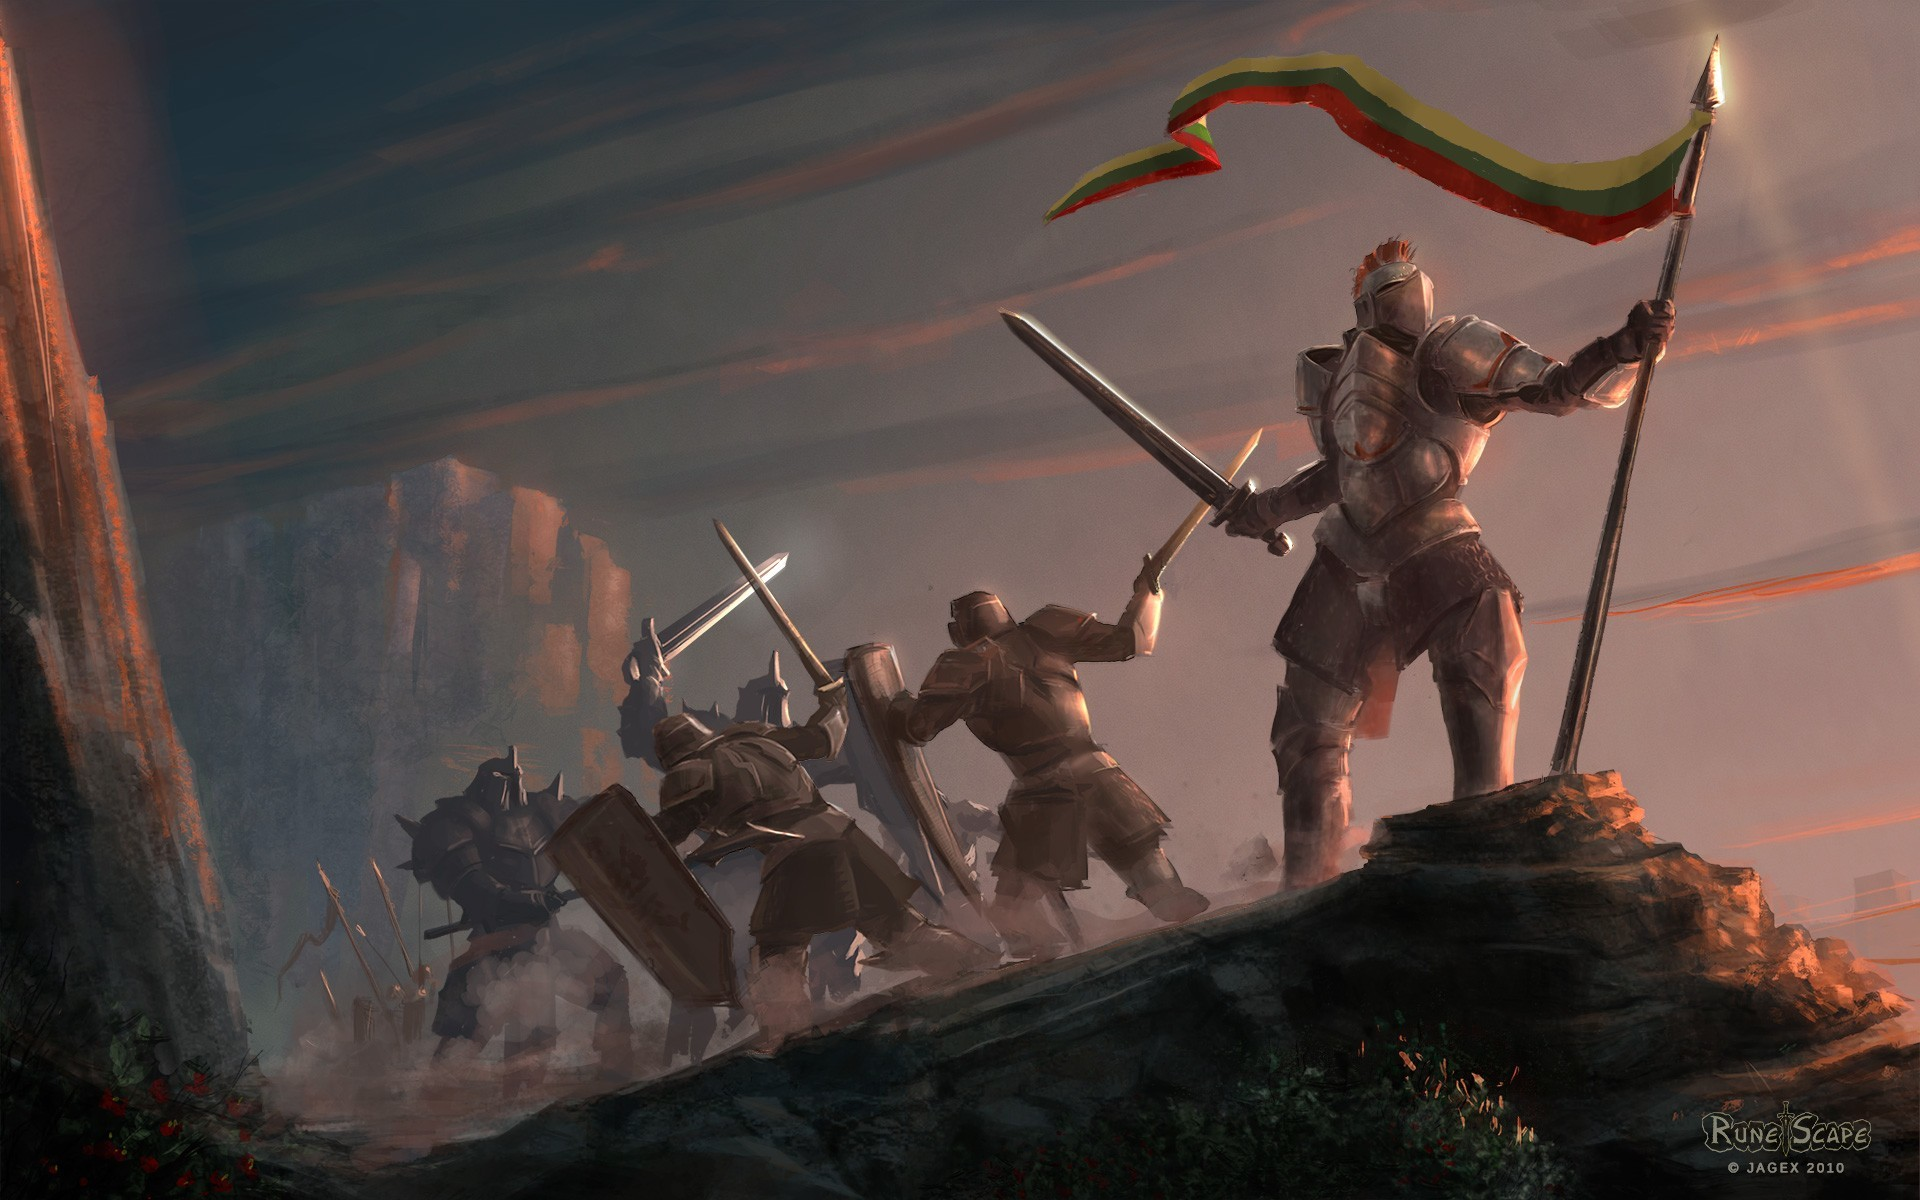 Fantasy RuneScape Wallpaper Fantasy, RuneScape